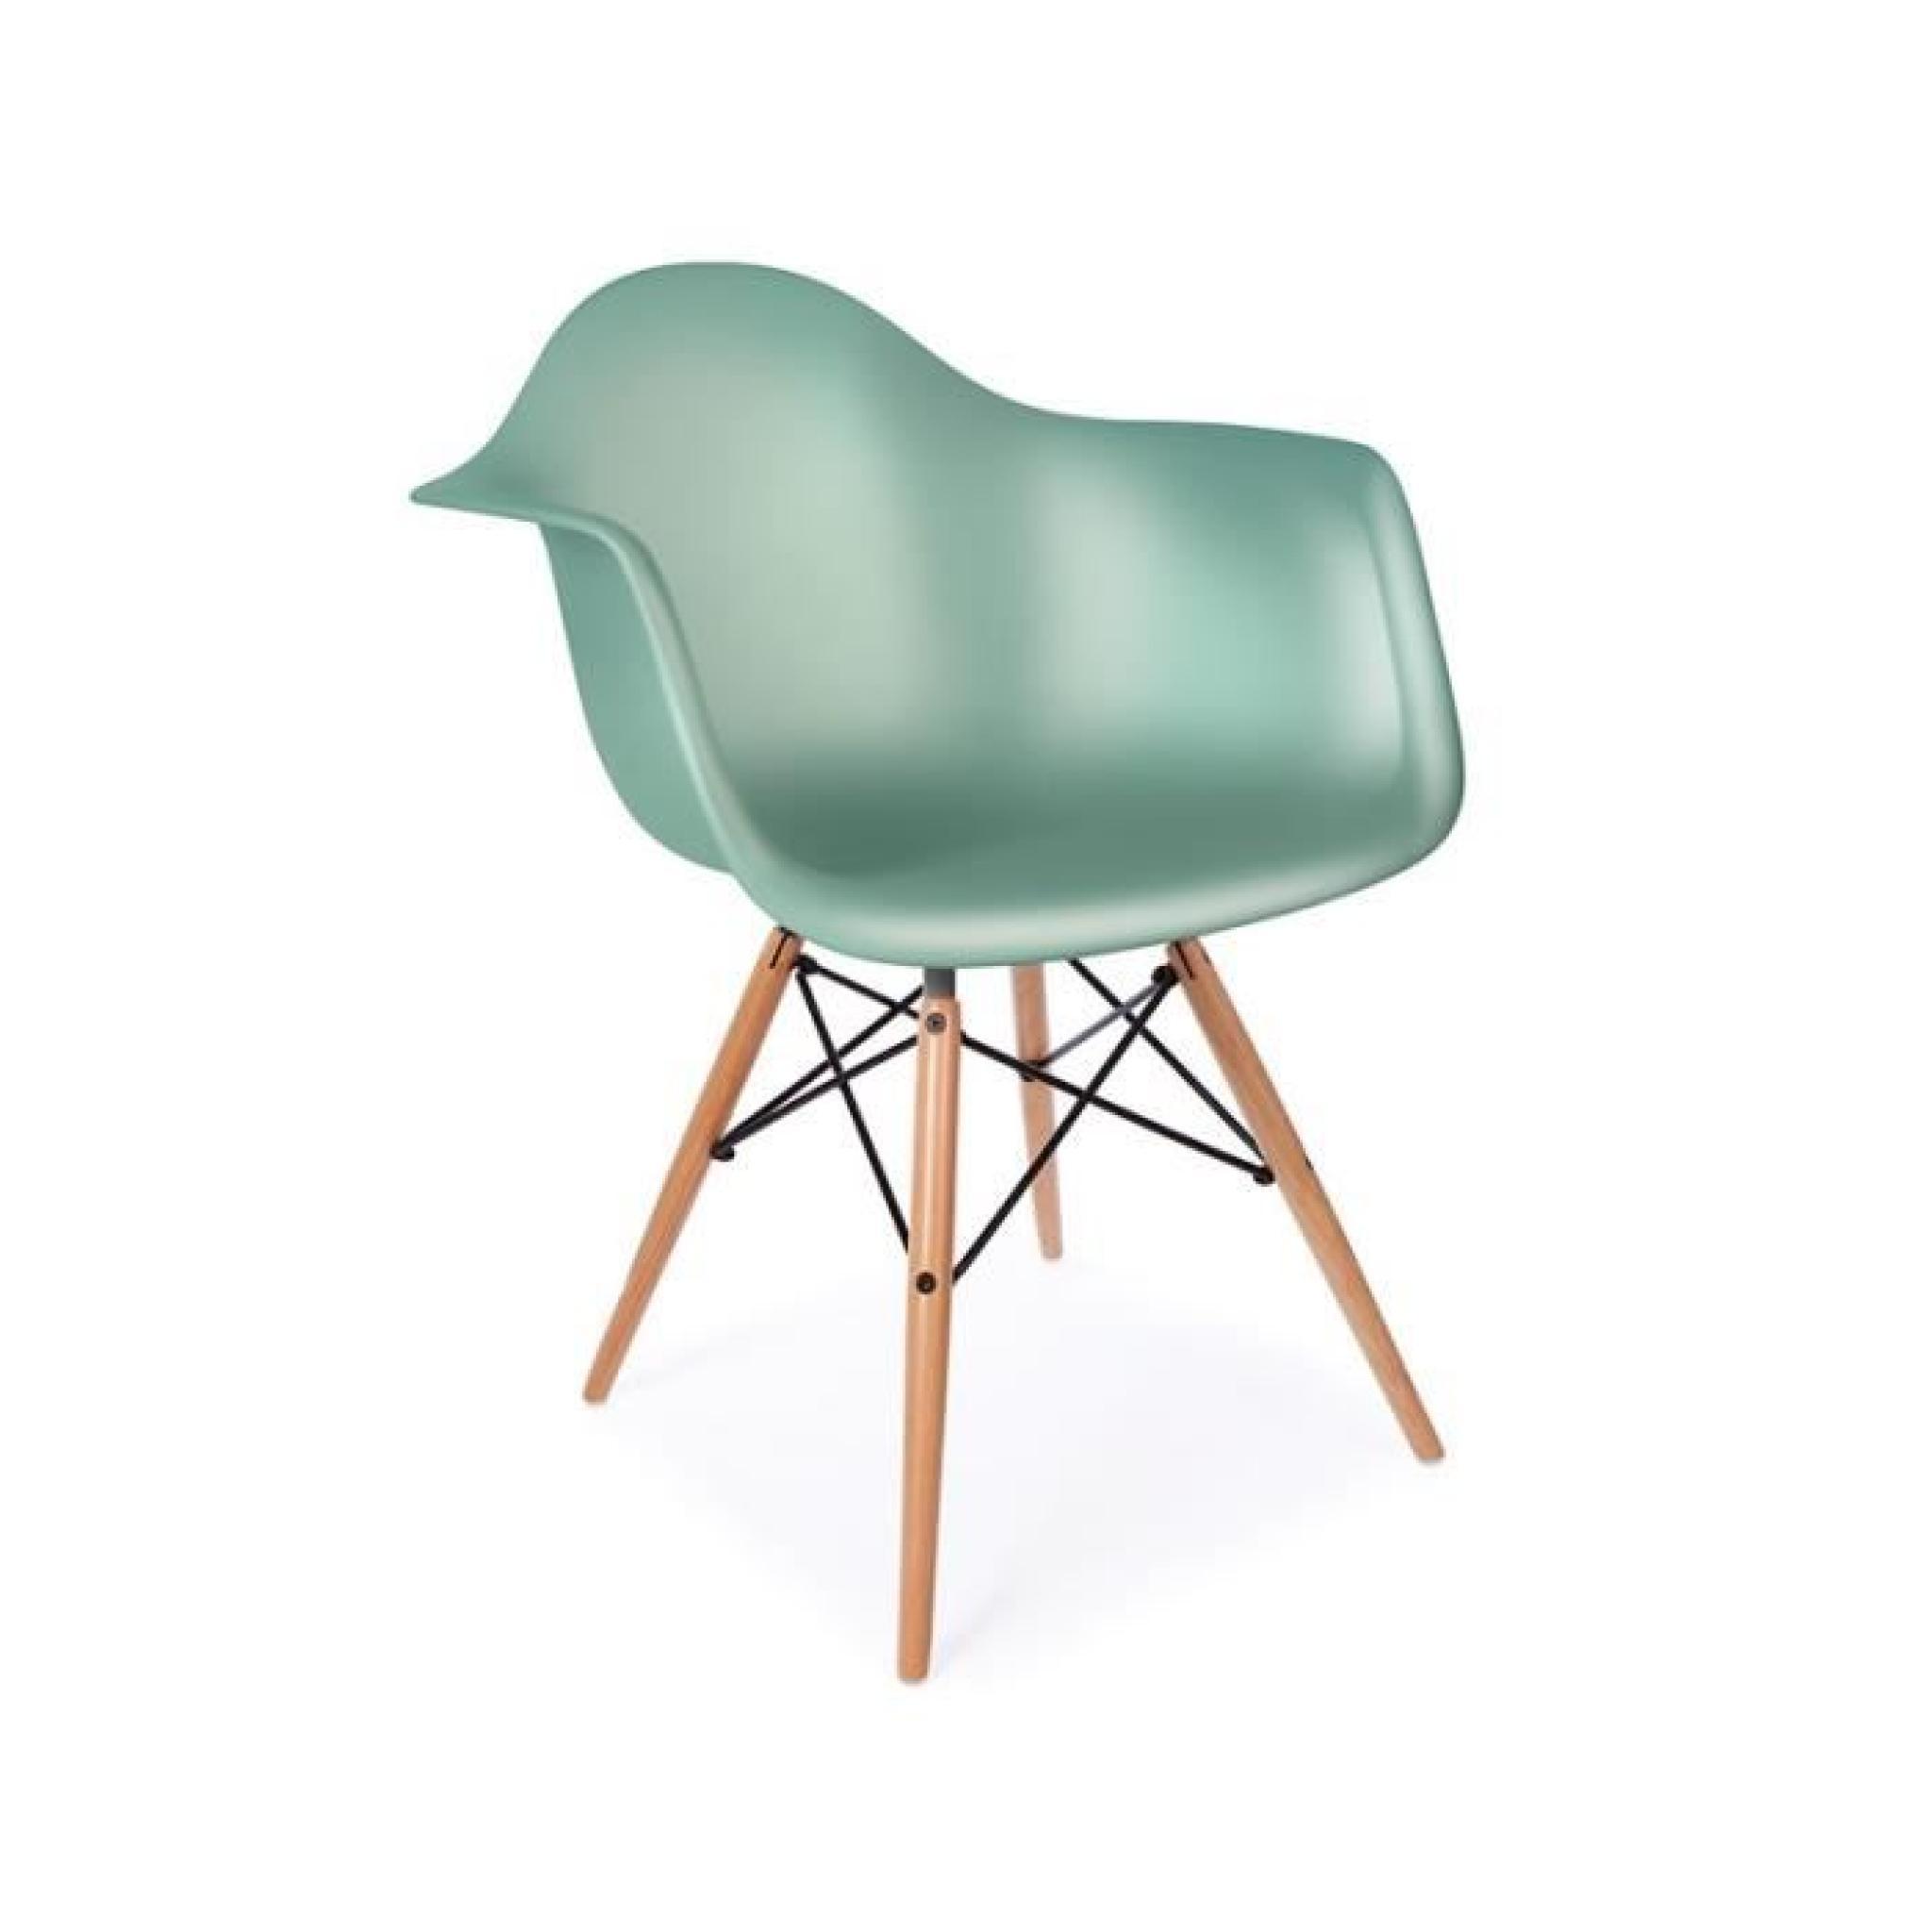 chaise daw - bleu vert - achat/vente chaise salle a manger pas ... - Chaise Daw Pas Cher